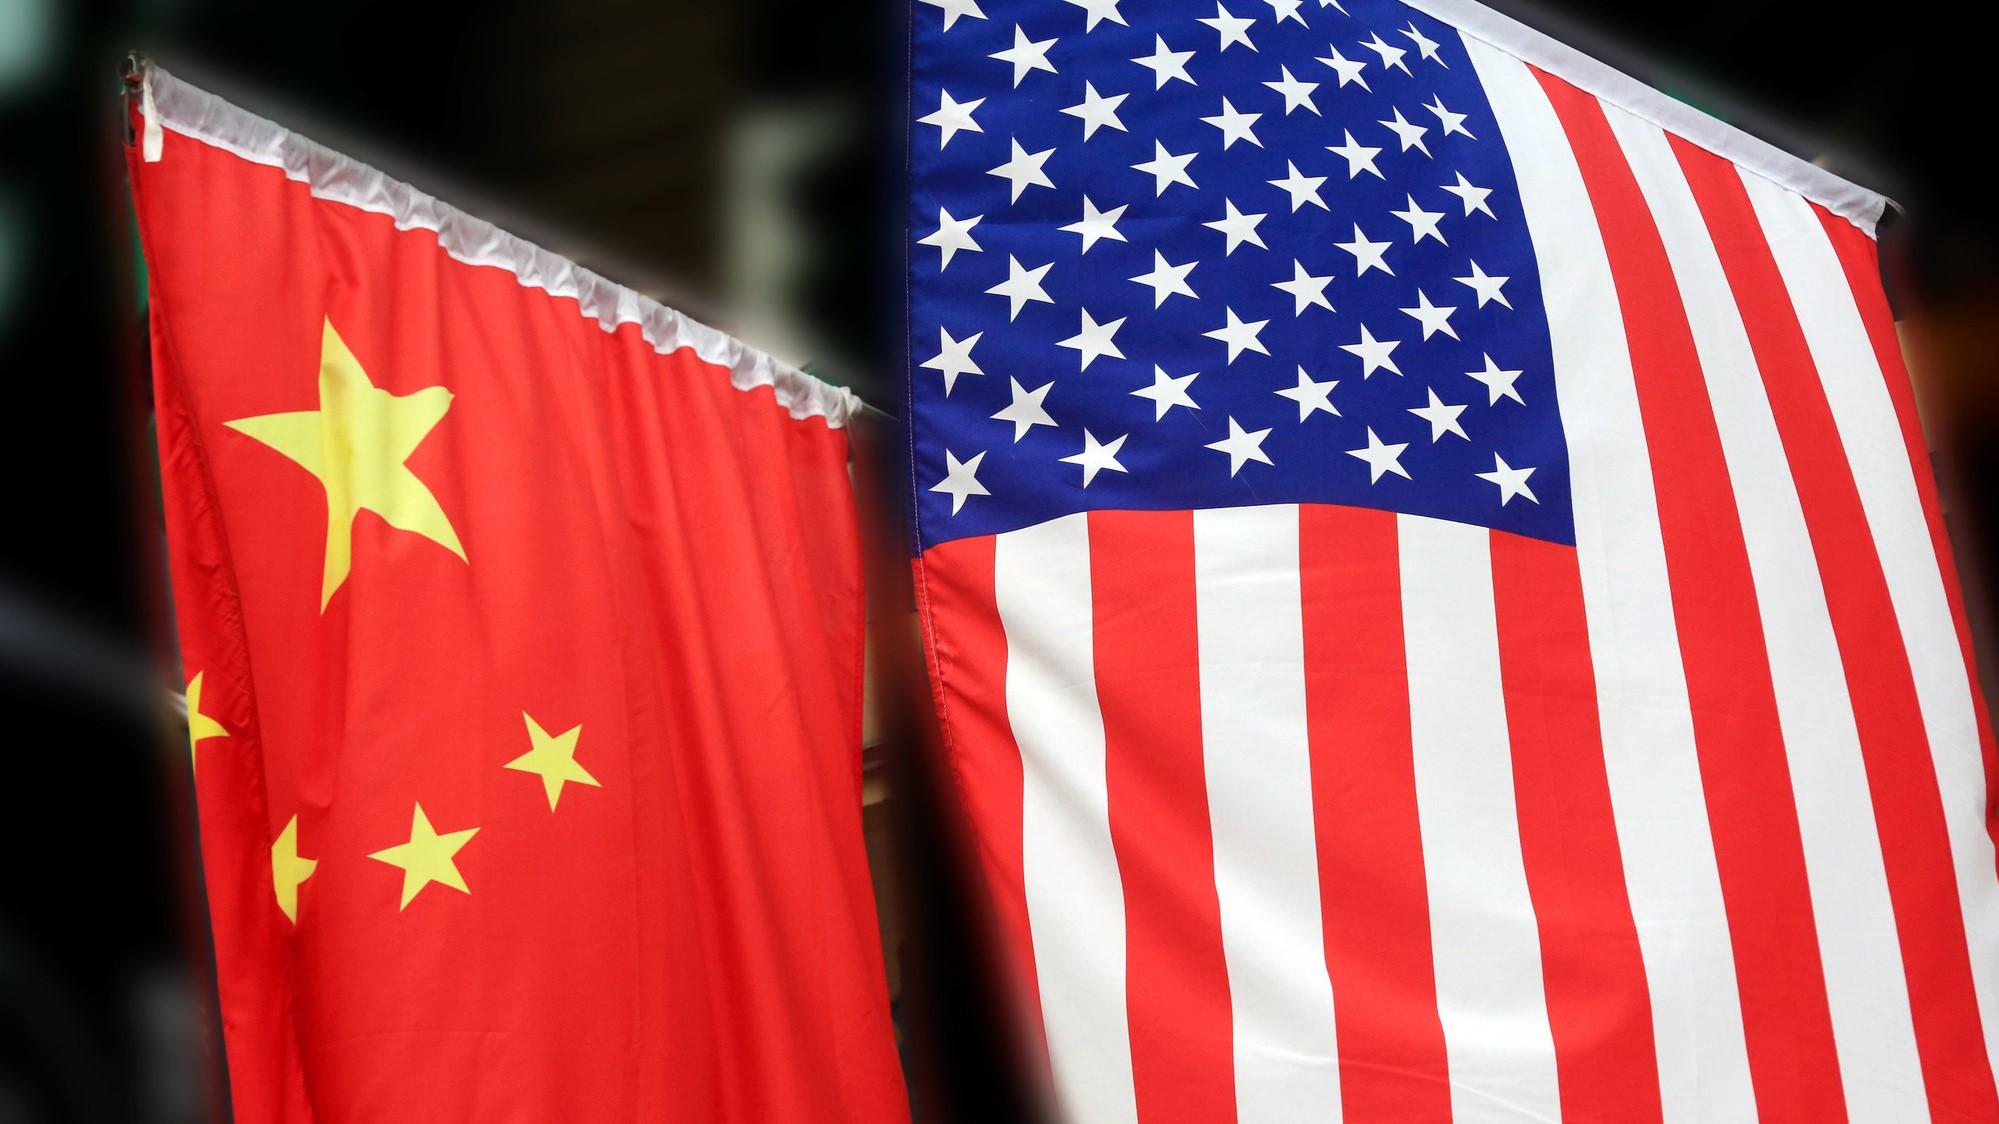 中美货币协议是新广场协定?别闹了行不!